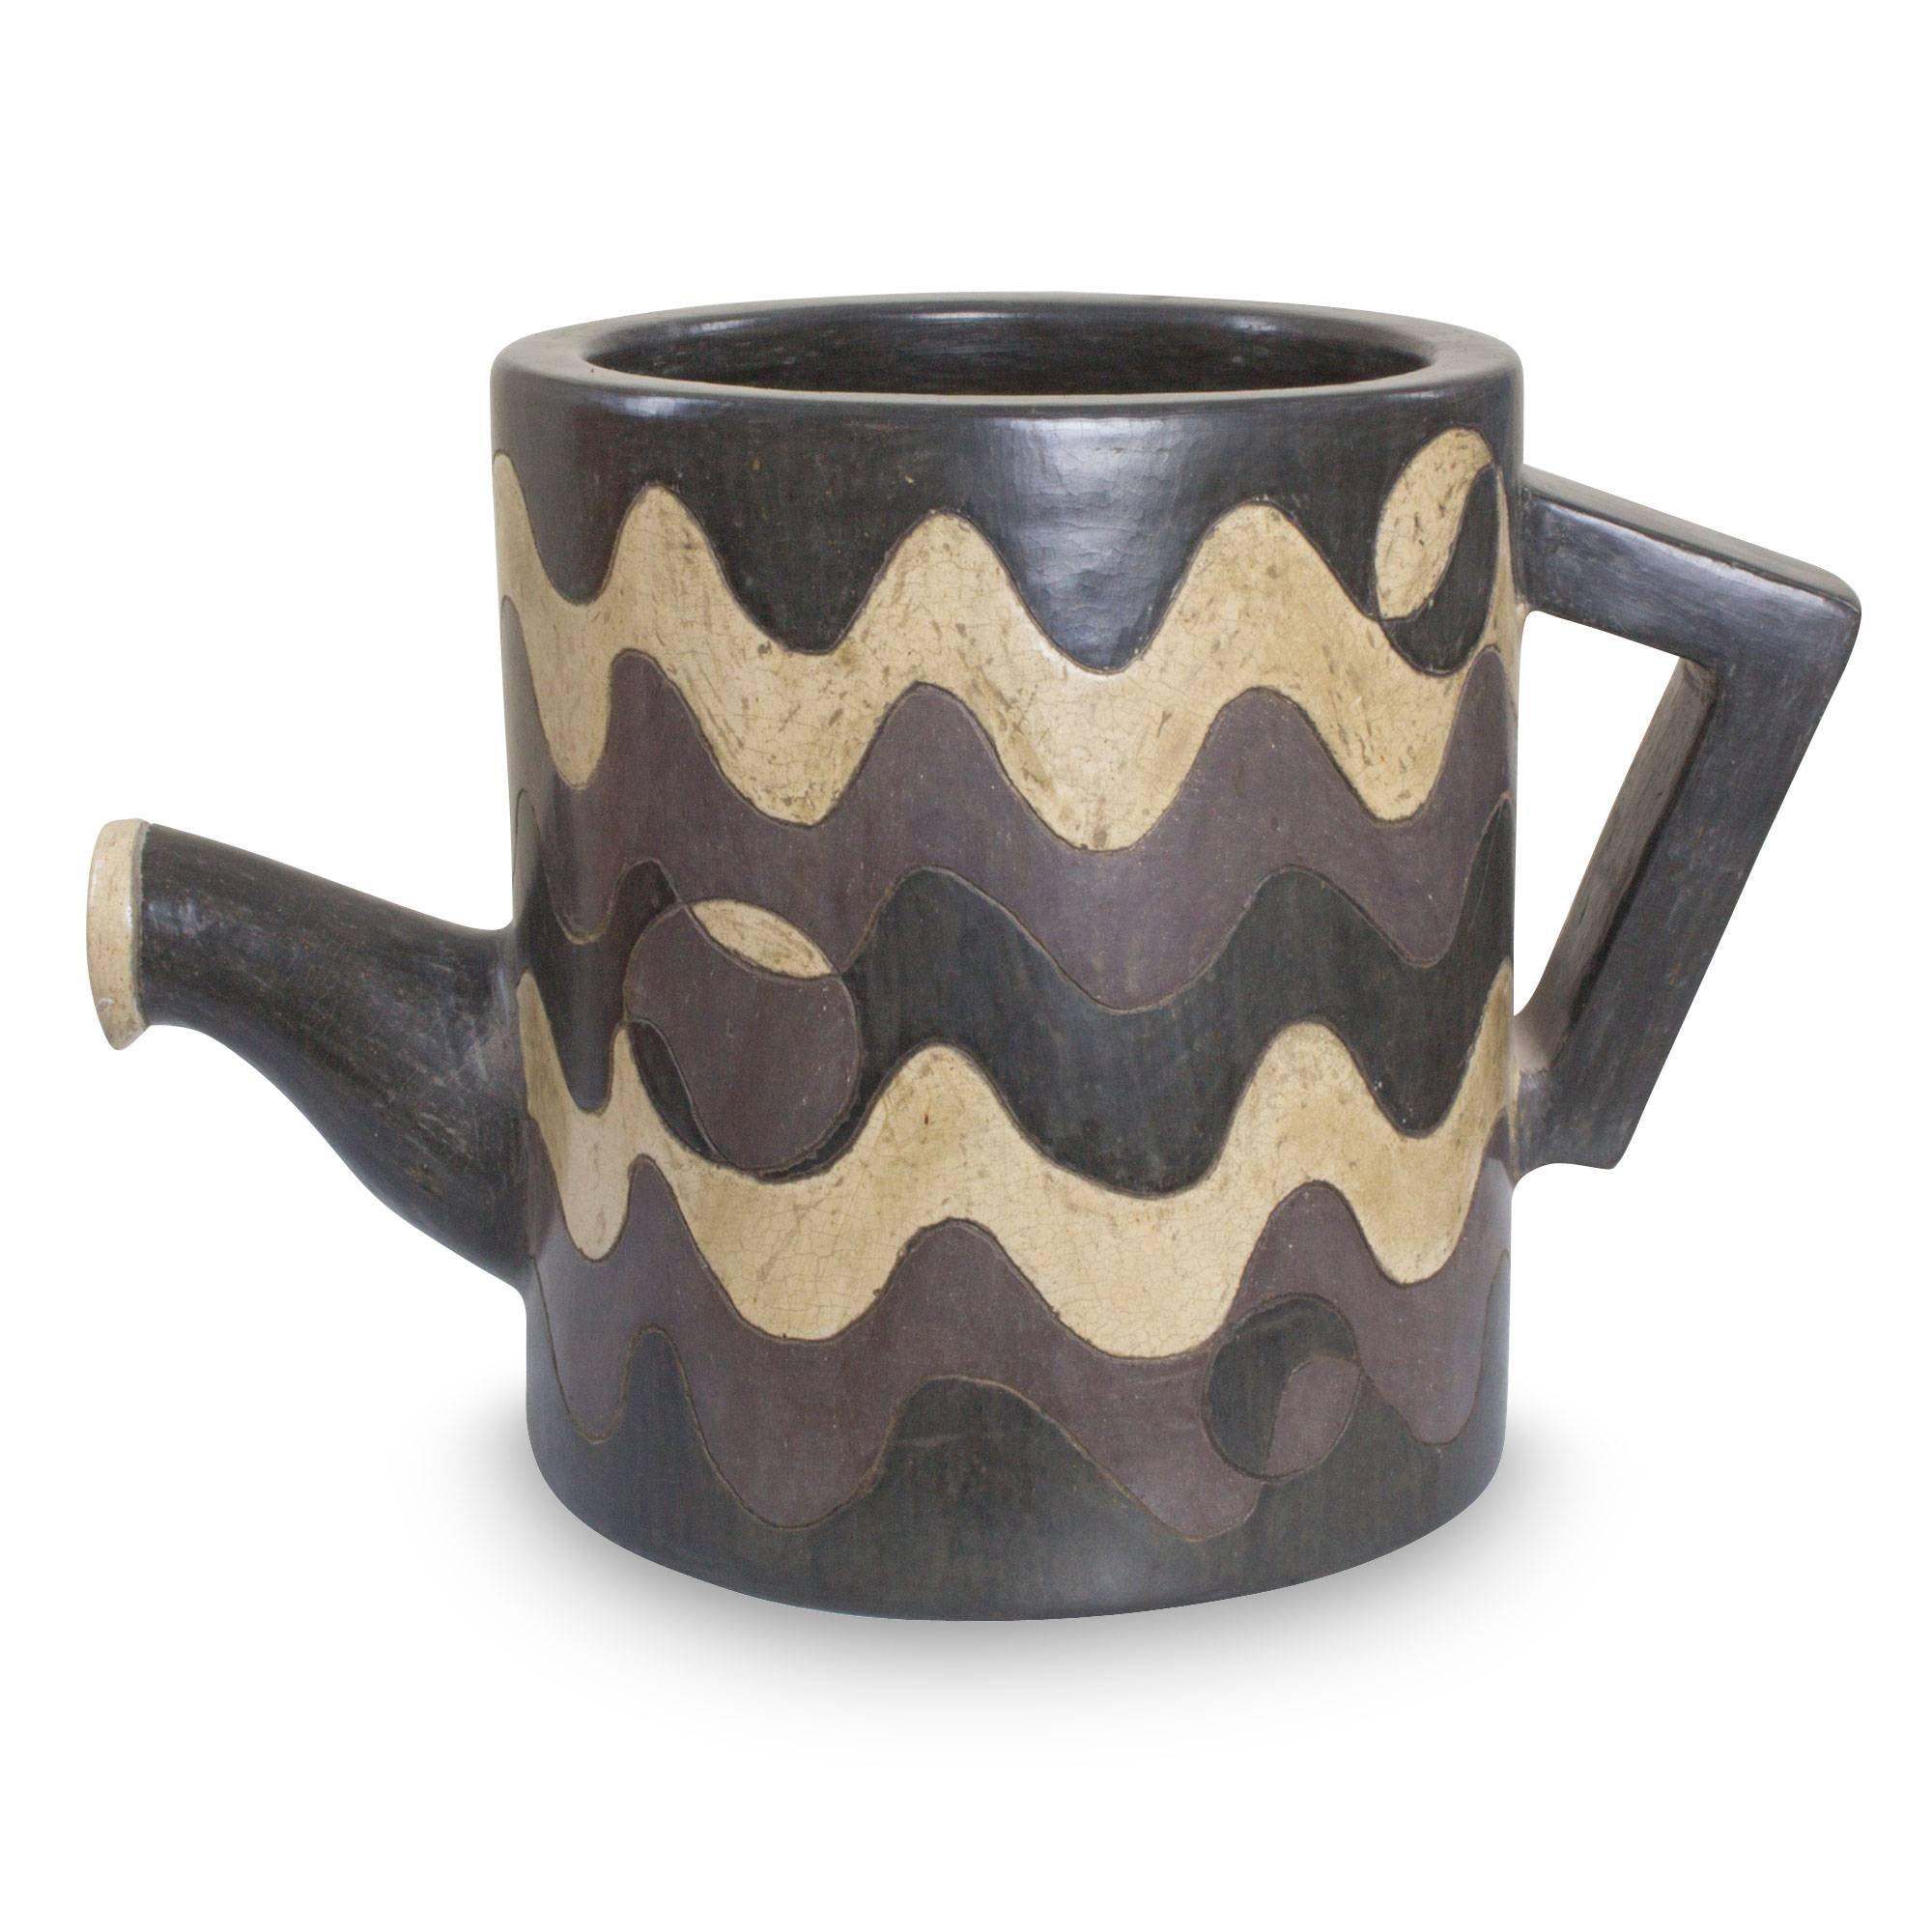 NOVICA Decorative Ceramic Vase, Black 'Whimsical Waves'